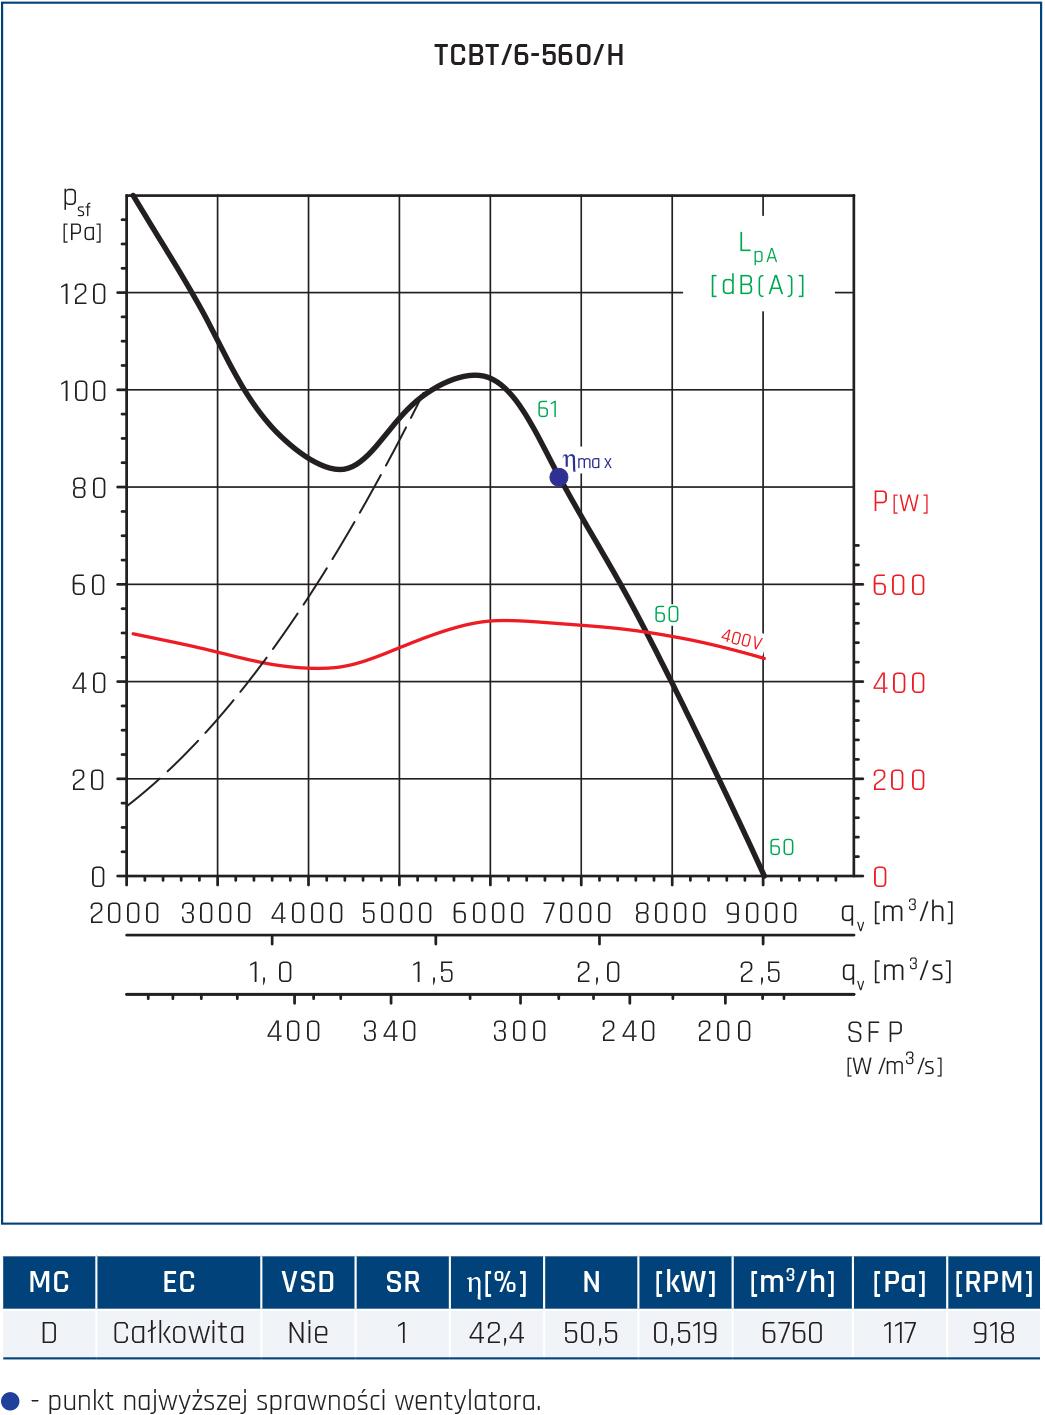 Wentylator Compact TCBB/TCBT 80